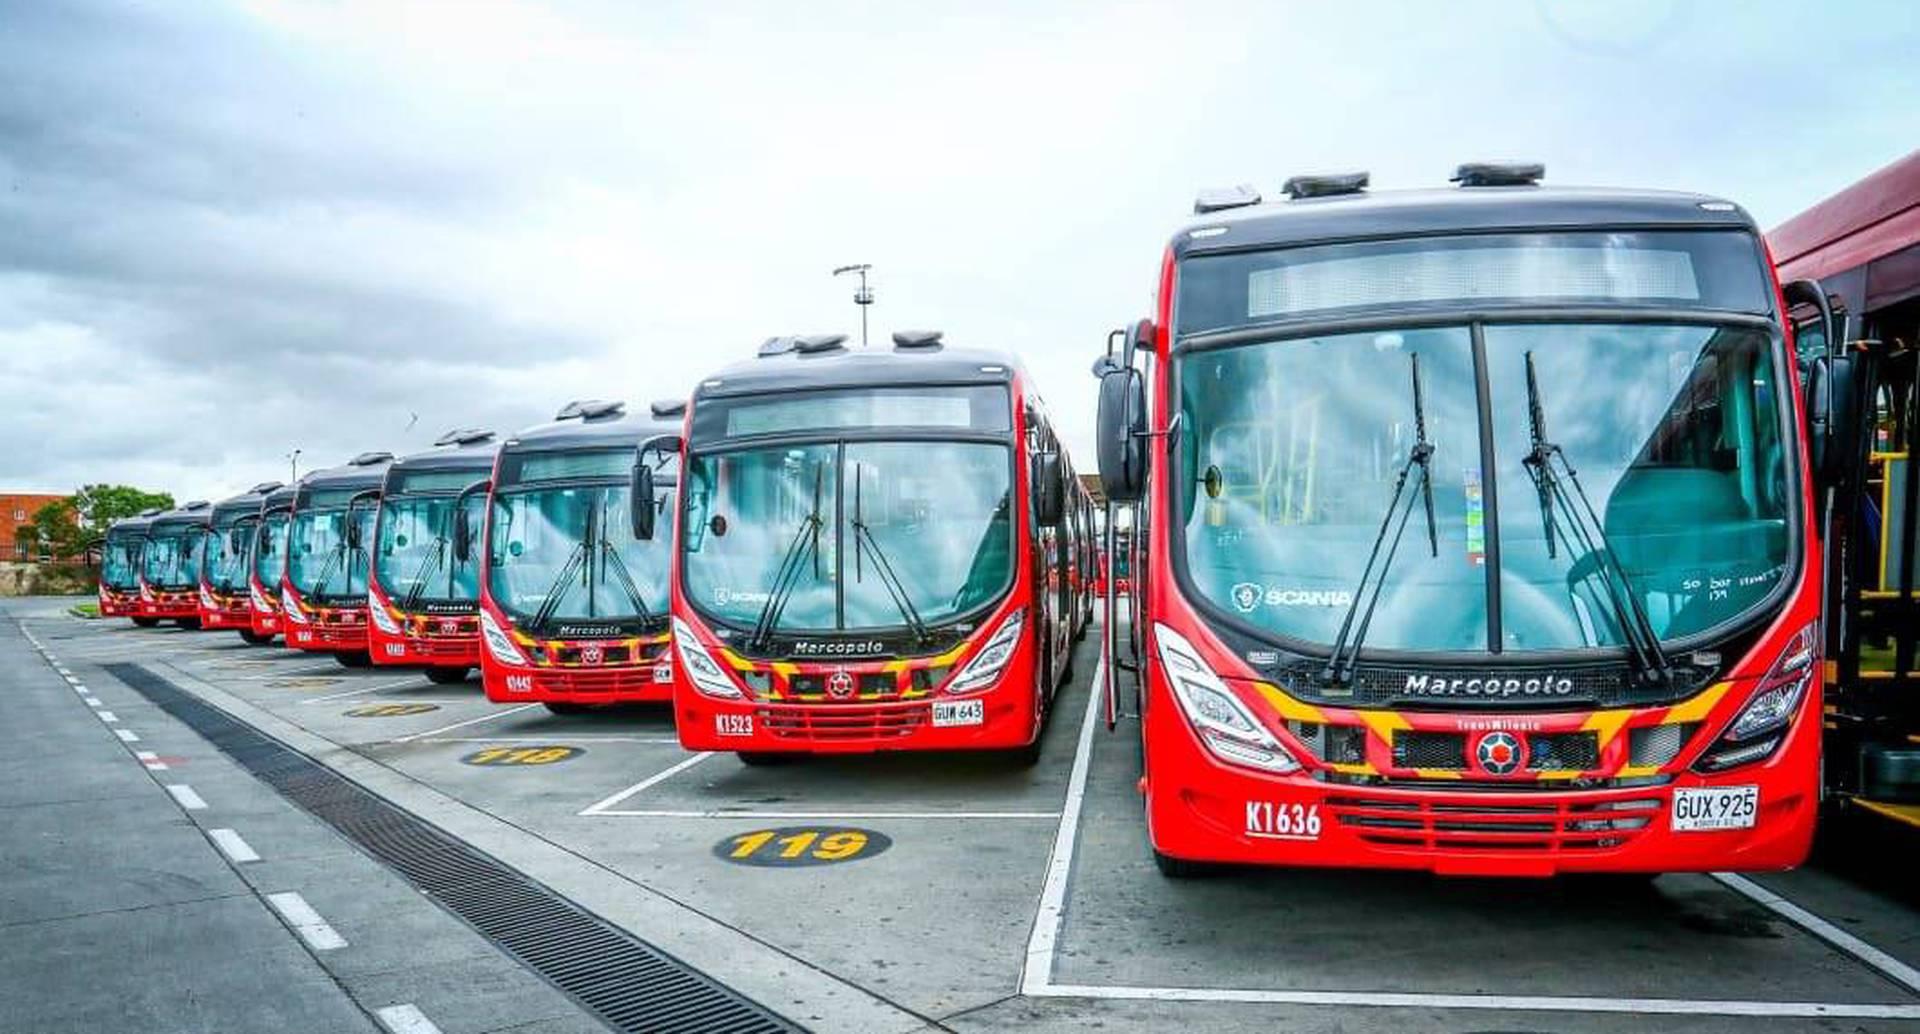 Cambios en TransMilenio: anuncian nueva ruta y cierre parcial de estaciones